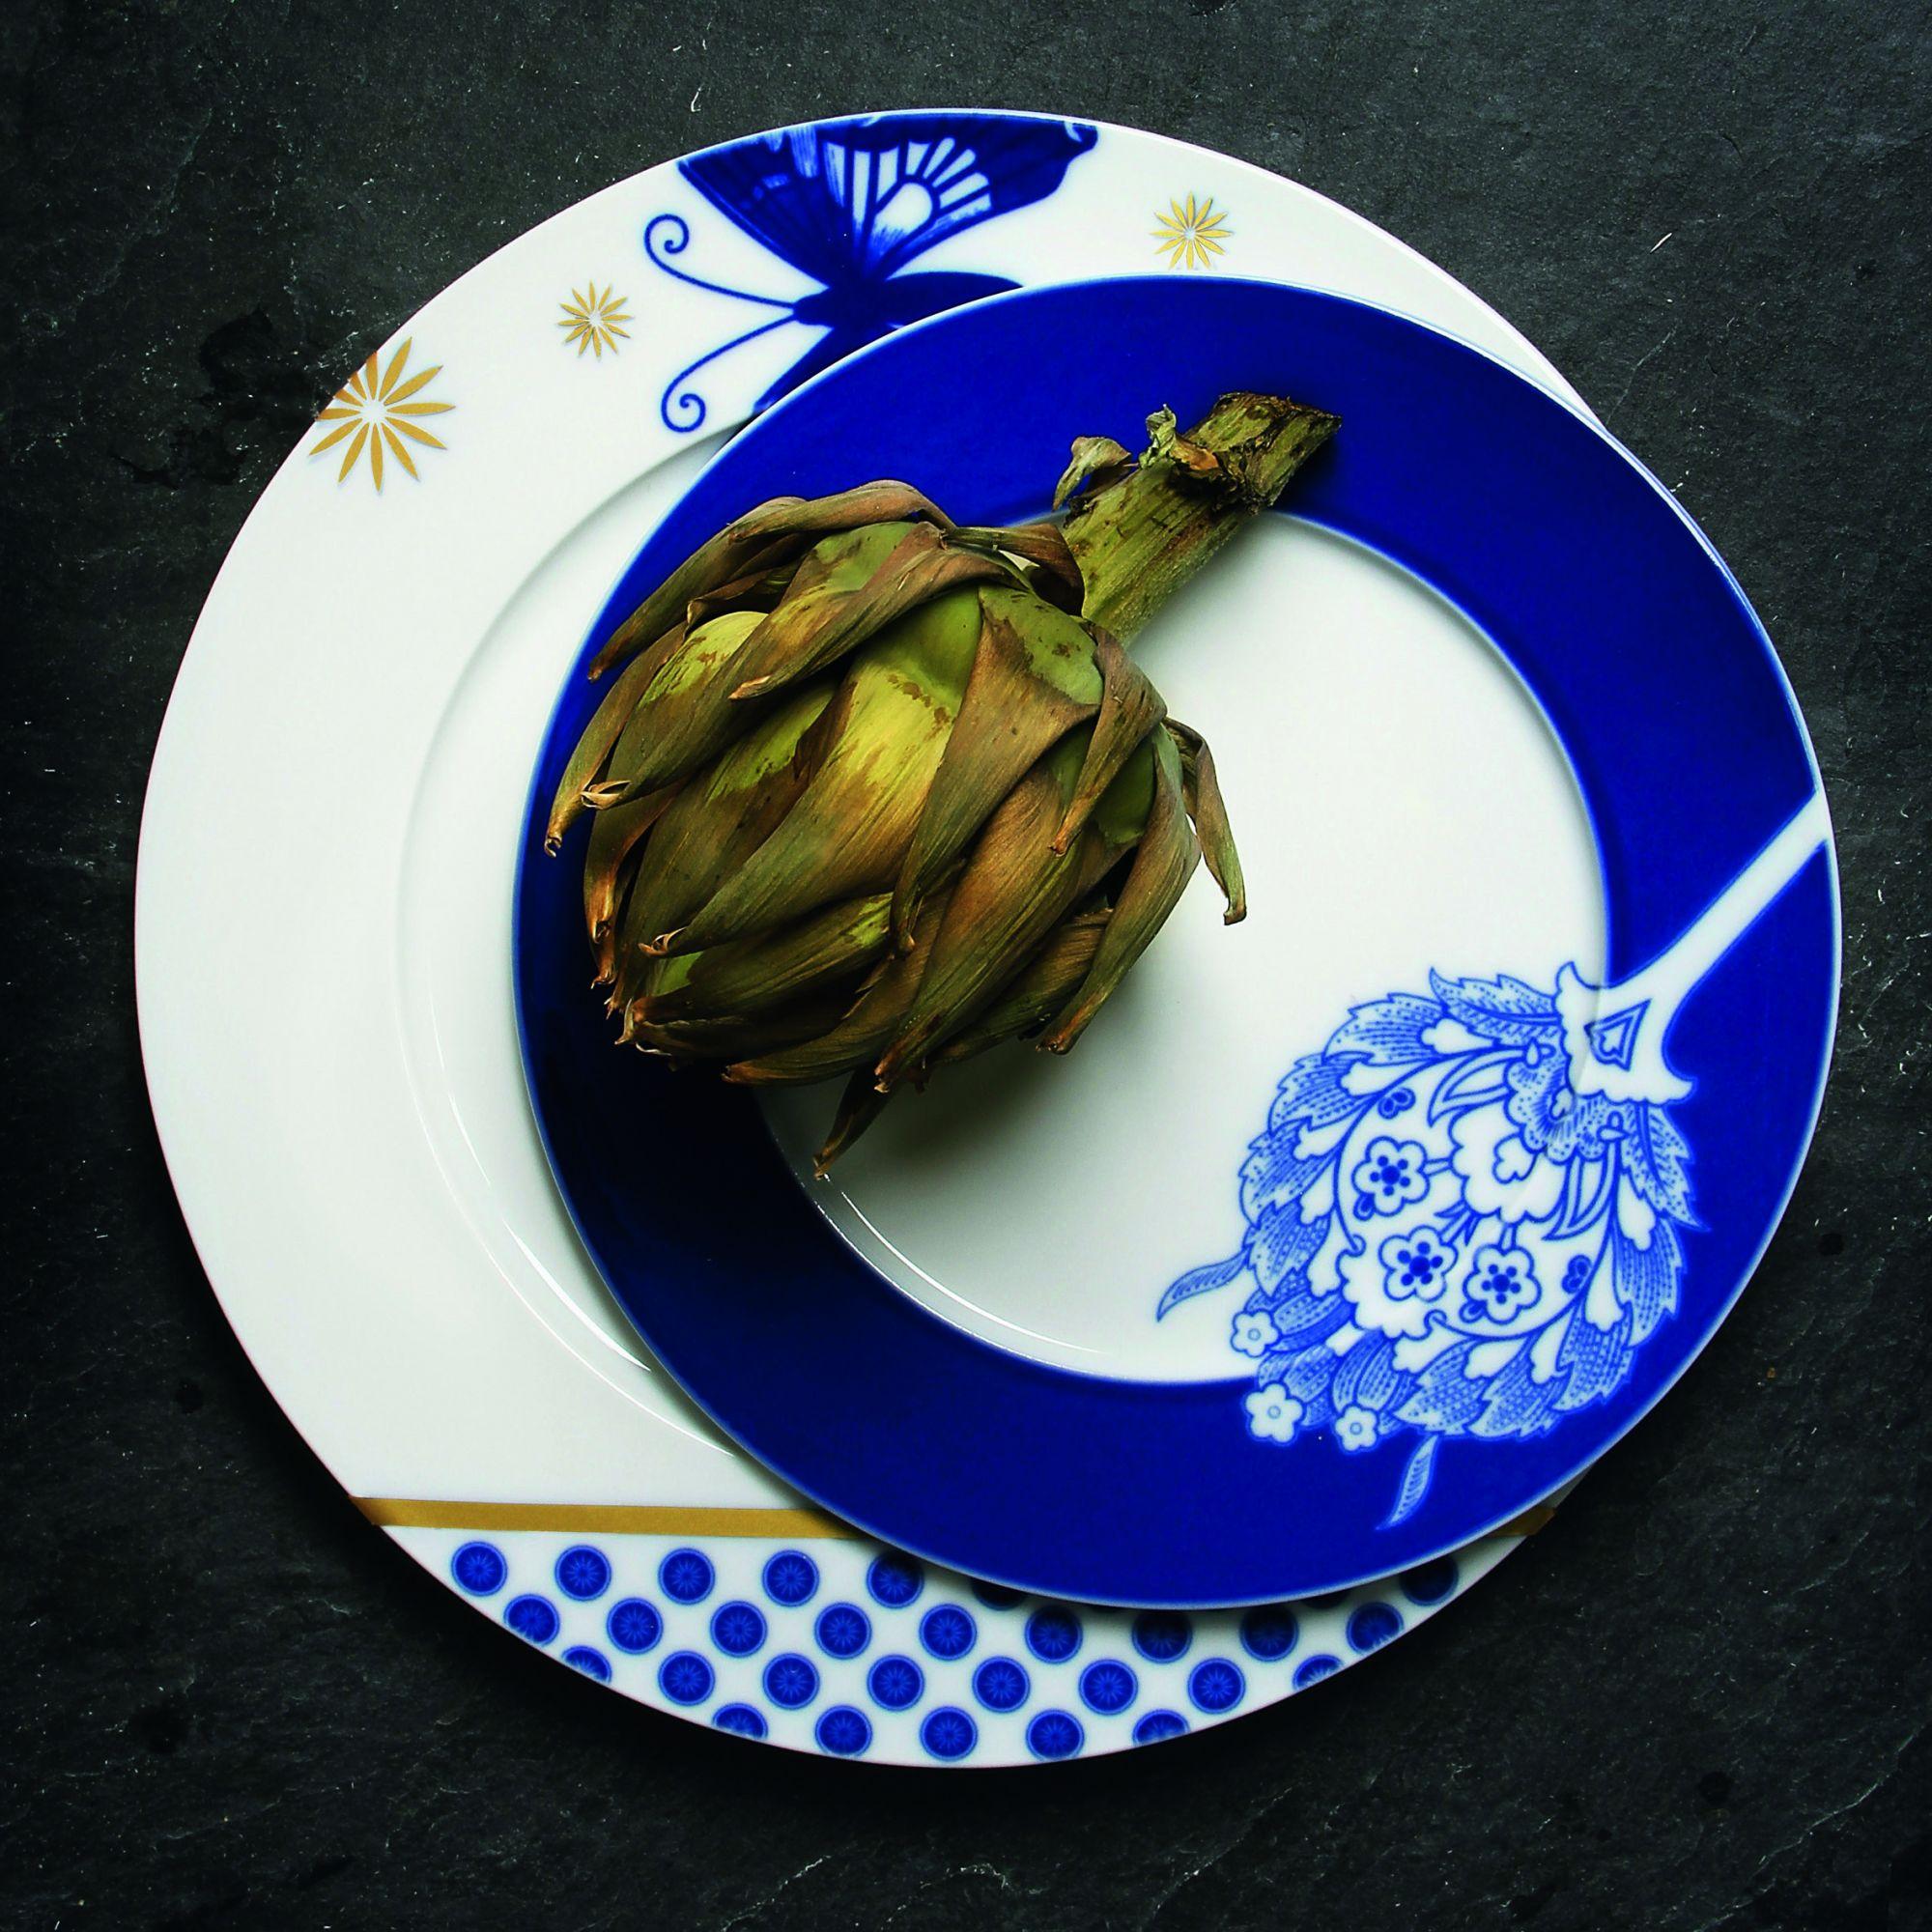 東風漸至大國崛起!德國百年瓷器FÜRSTENBERG,以鈷藍色釉打造中國風餐瓷